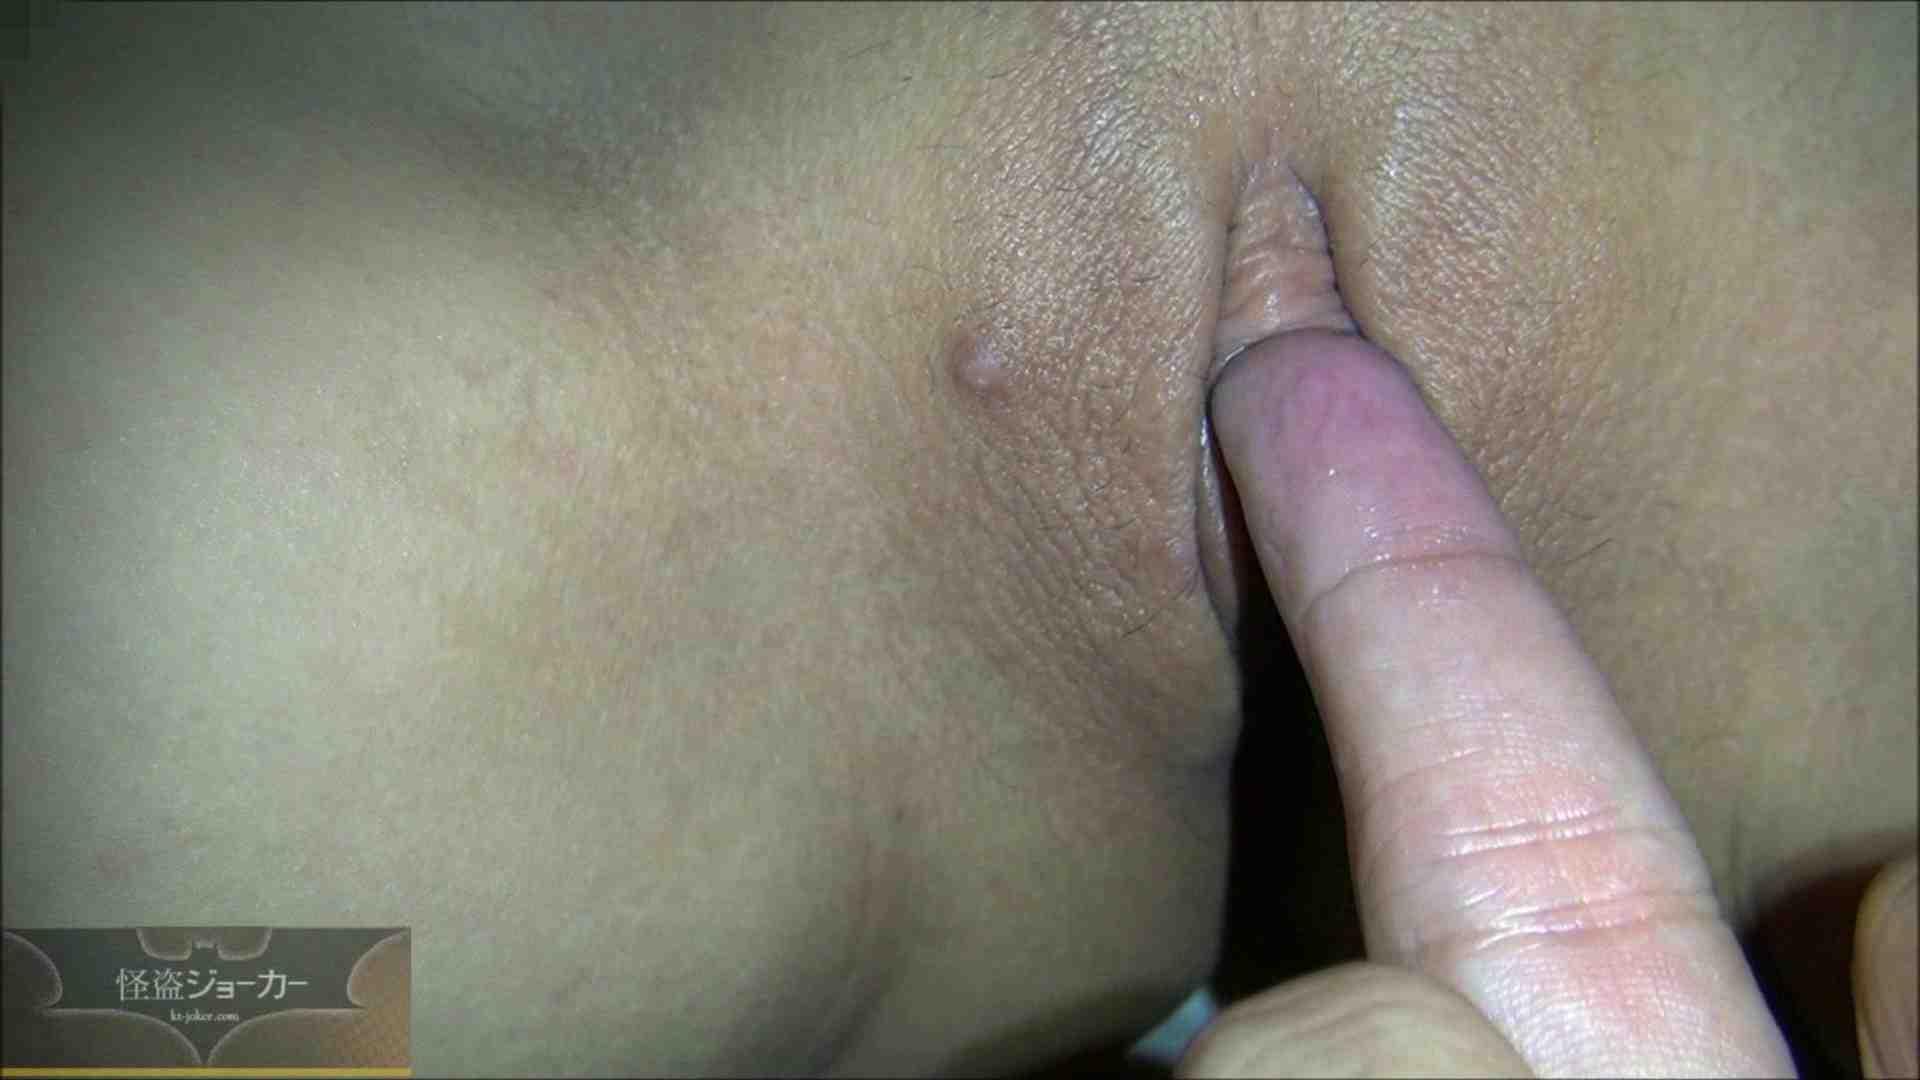 【未公開】vol.62 南米系ハーフのAMちゃん、、、友人が行った淫行の記録。 セックス | 高画質  77画像 6